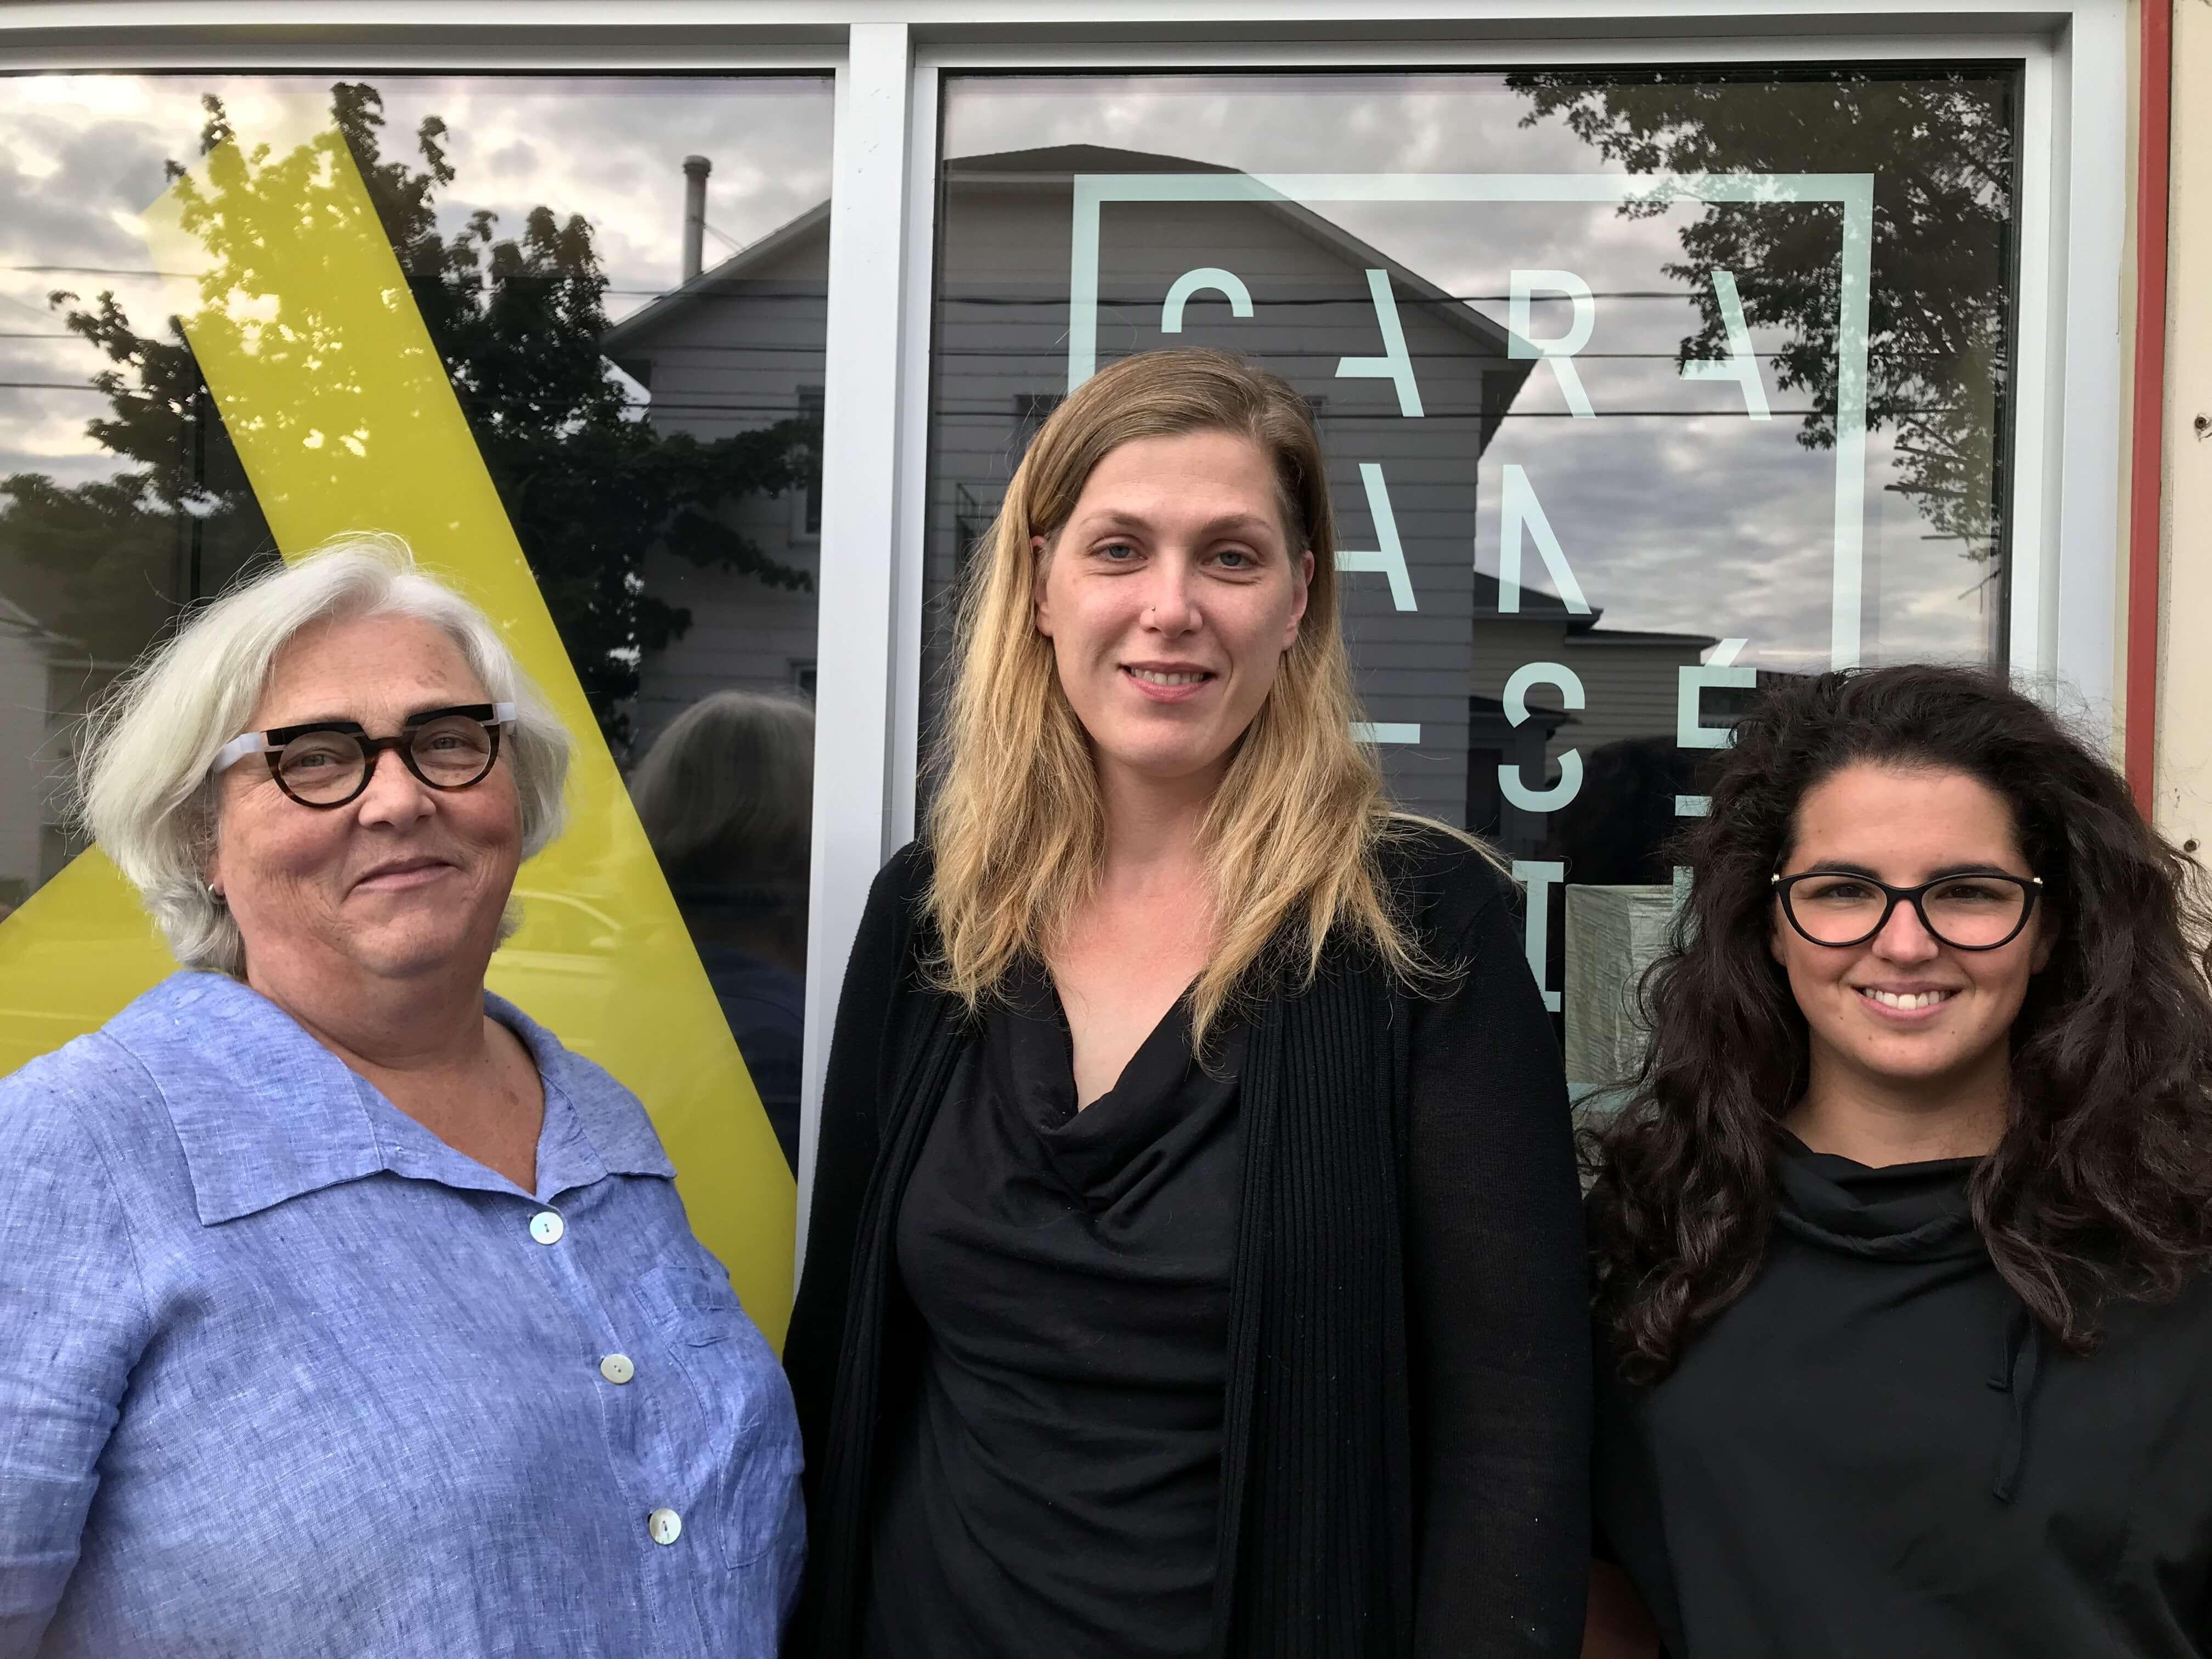 Francine Périnet, directrice générale du Musée régional de Rimouski, Cybel Chagnon, directrice de la Coopérative Paradis et Katherine Raymond, vice-présidente de la Coopérative Paradis.